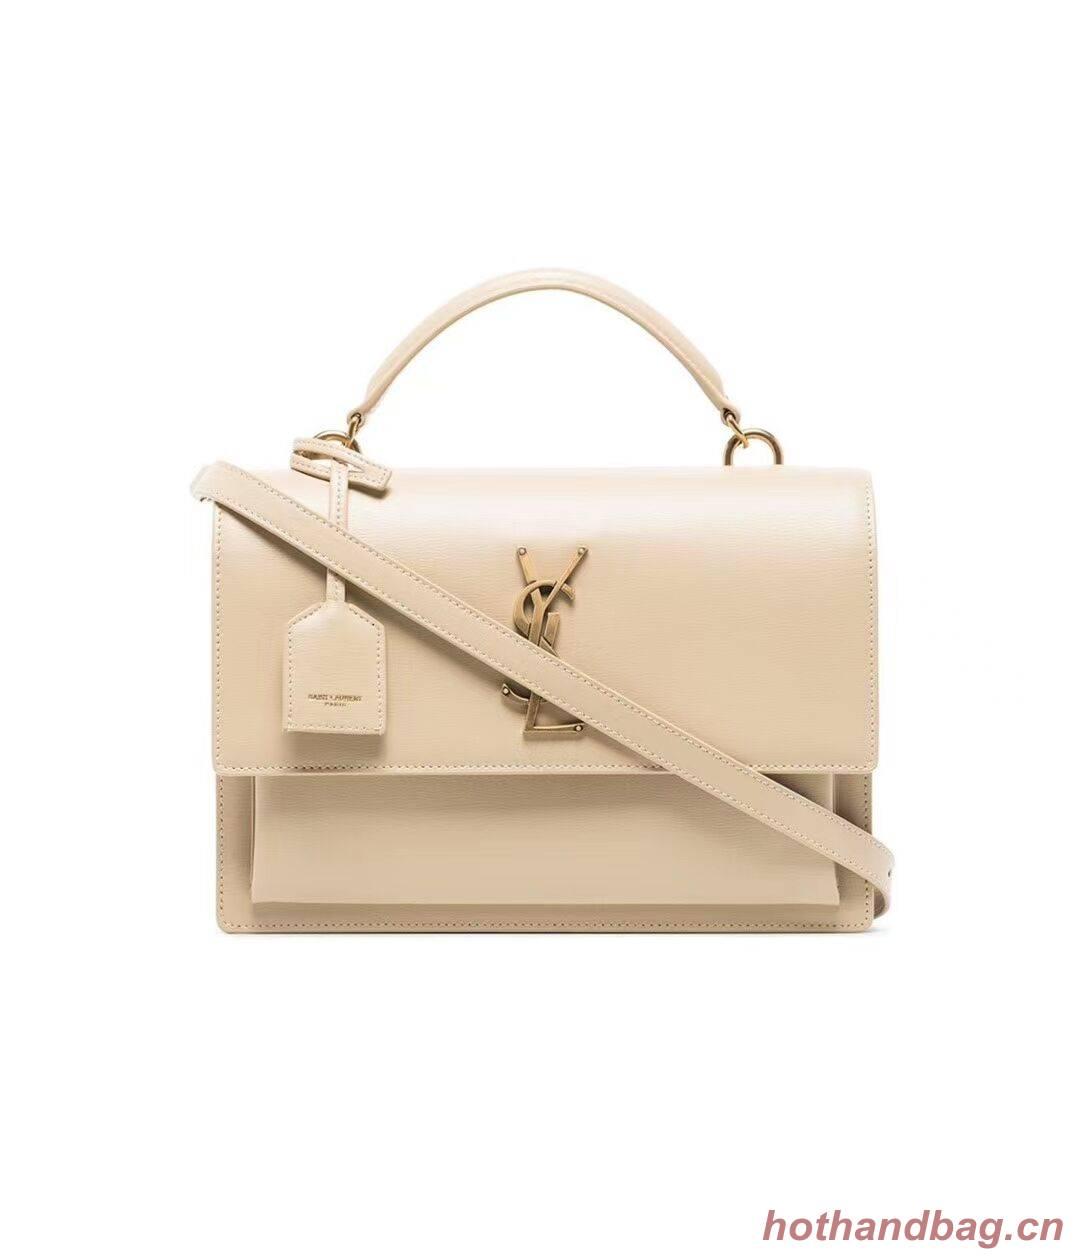 Yves Saint Laurent Calfskin Leather Tote Bag Y634723 Beige